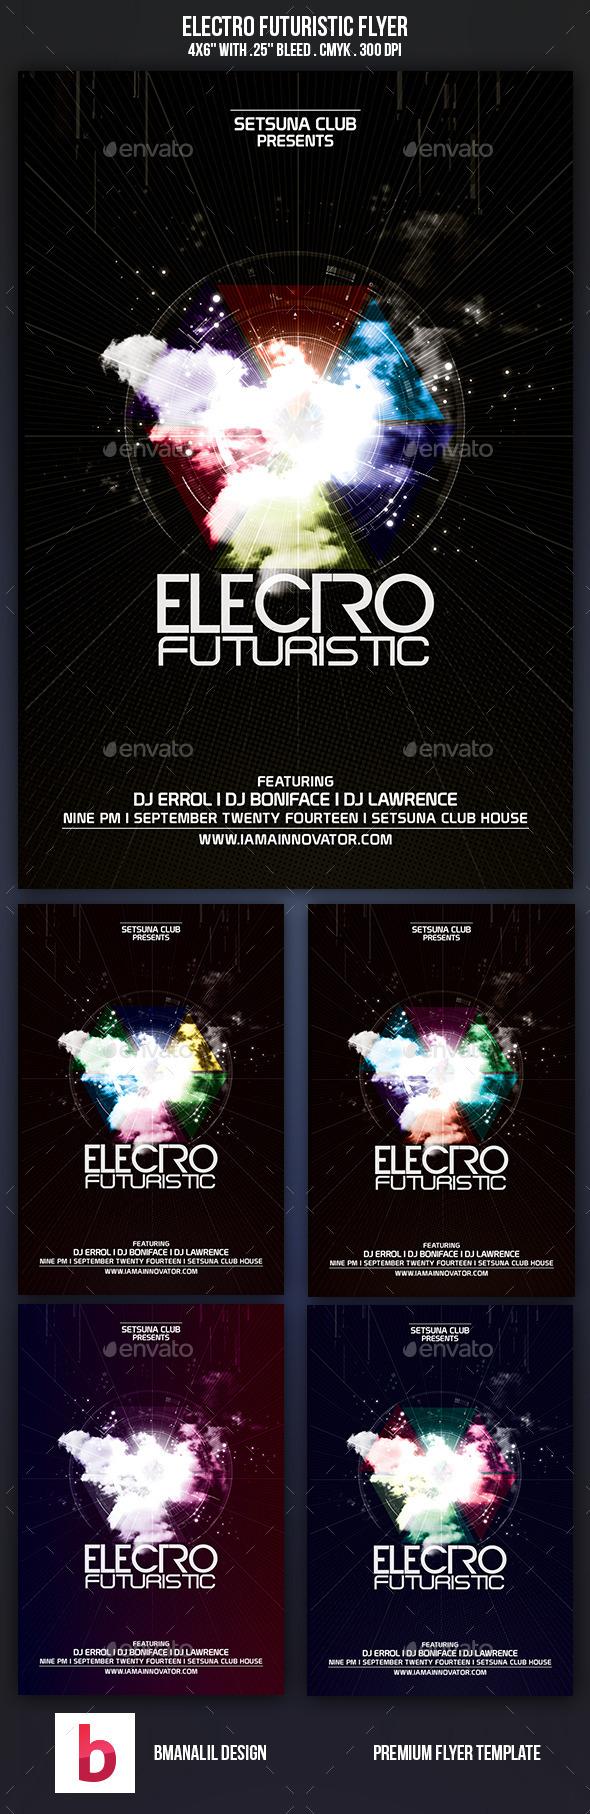 GraphicRiver Electro Futuristic Flyer 9323053